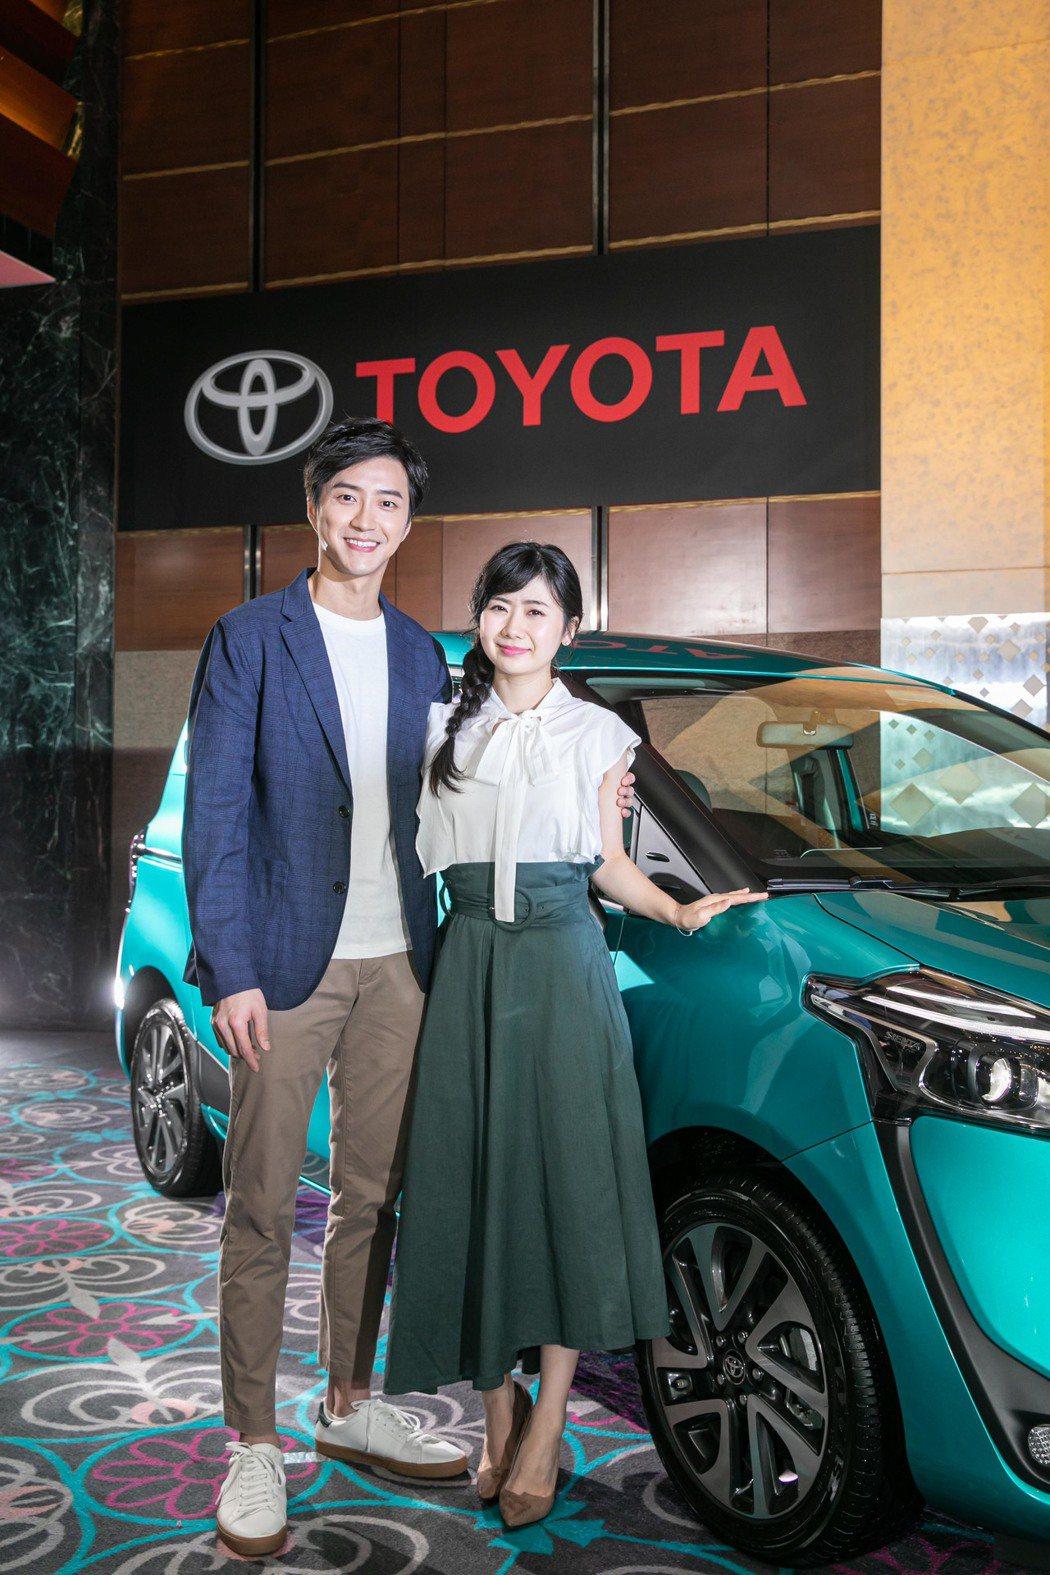 江宏傑與老婆福原愛今天以百萬價碼為日系汽車品牌代言。圖/和泰汽車提供